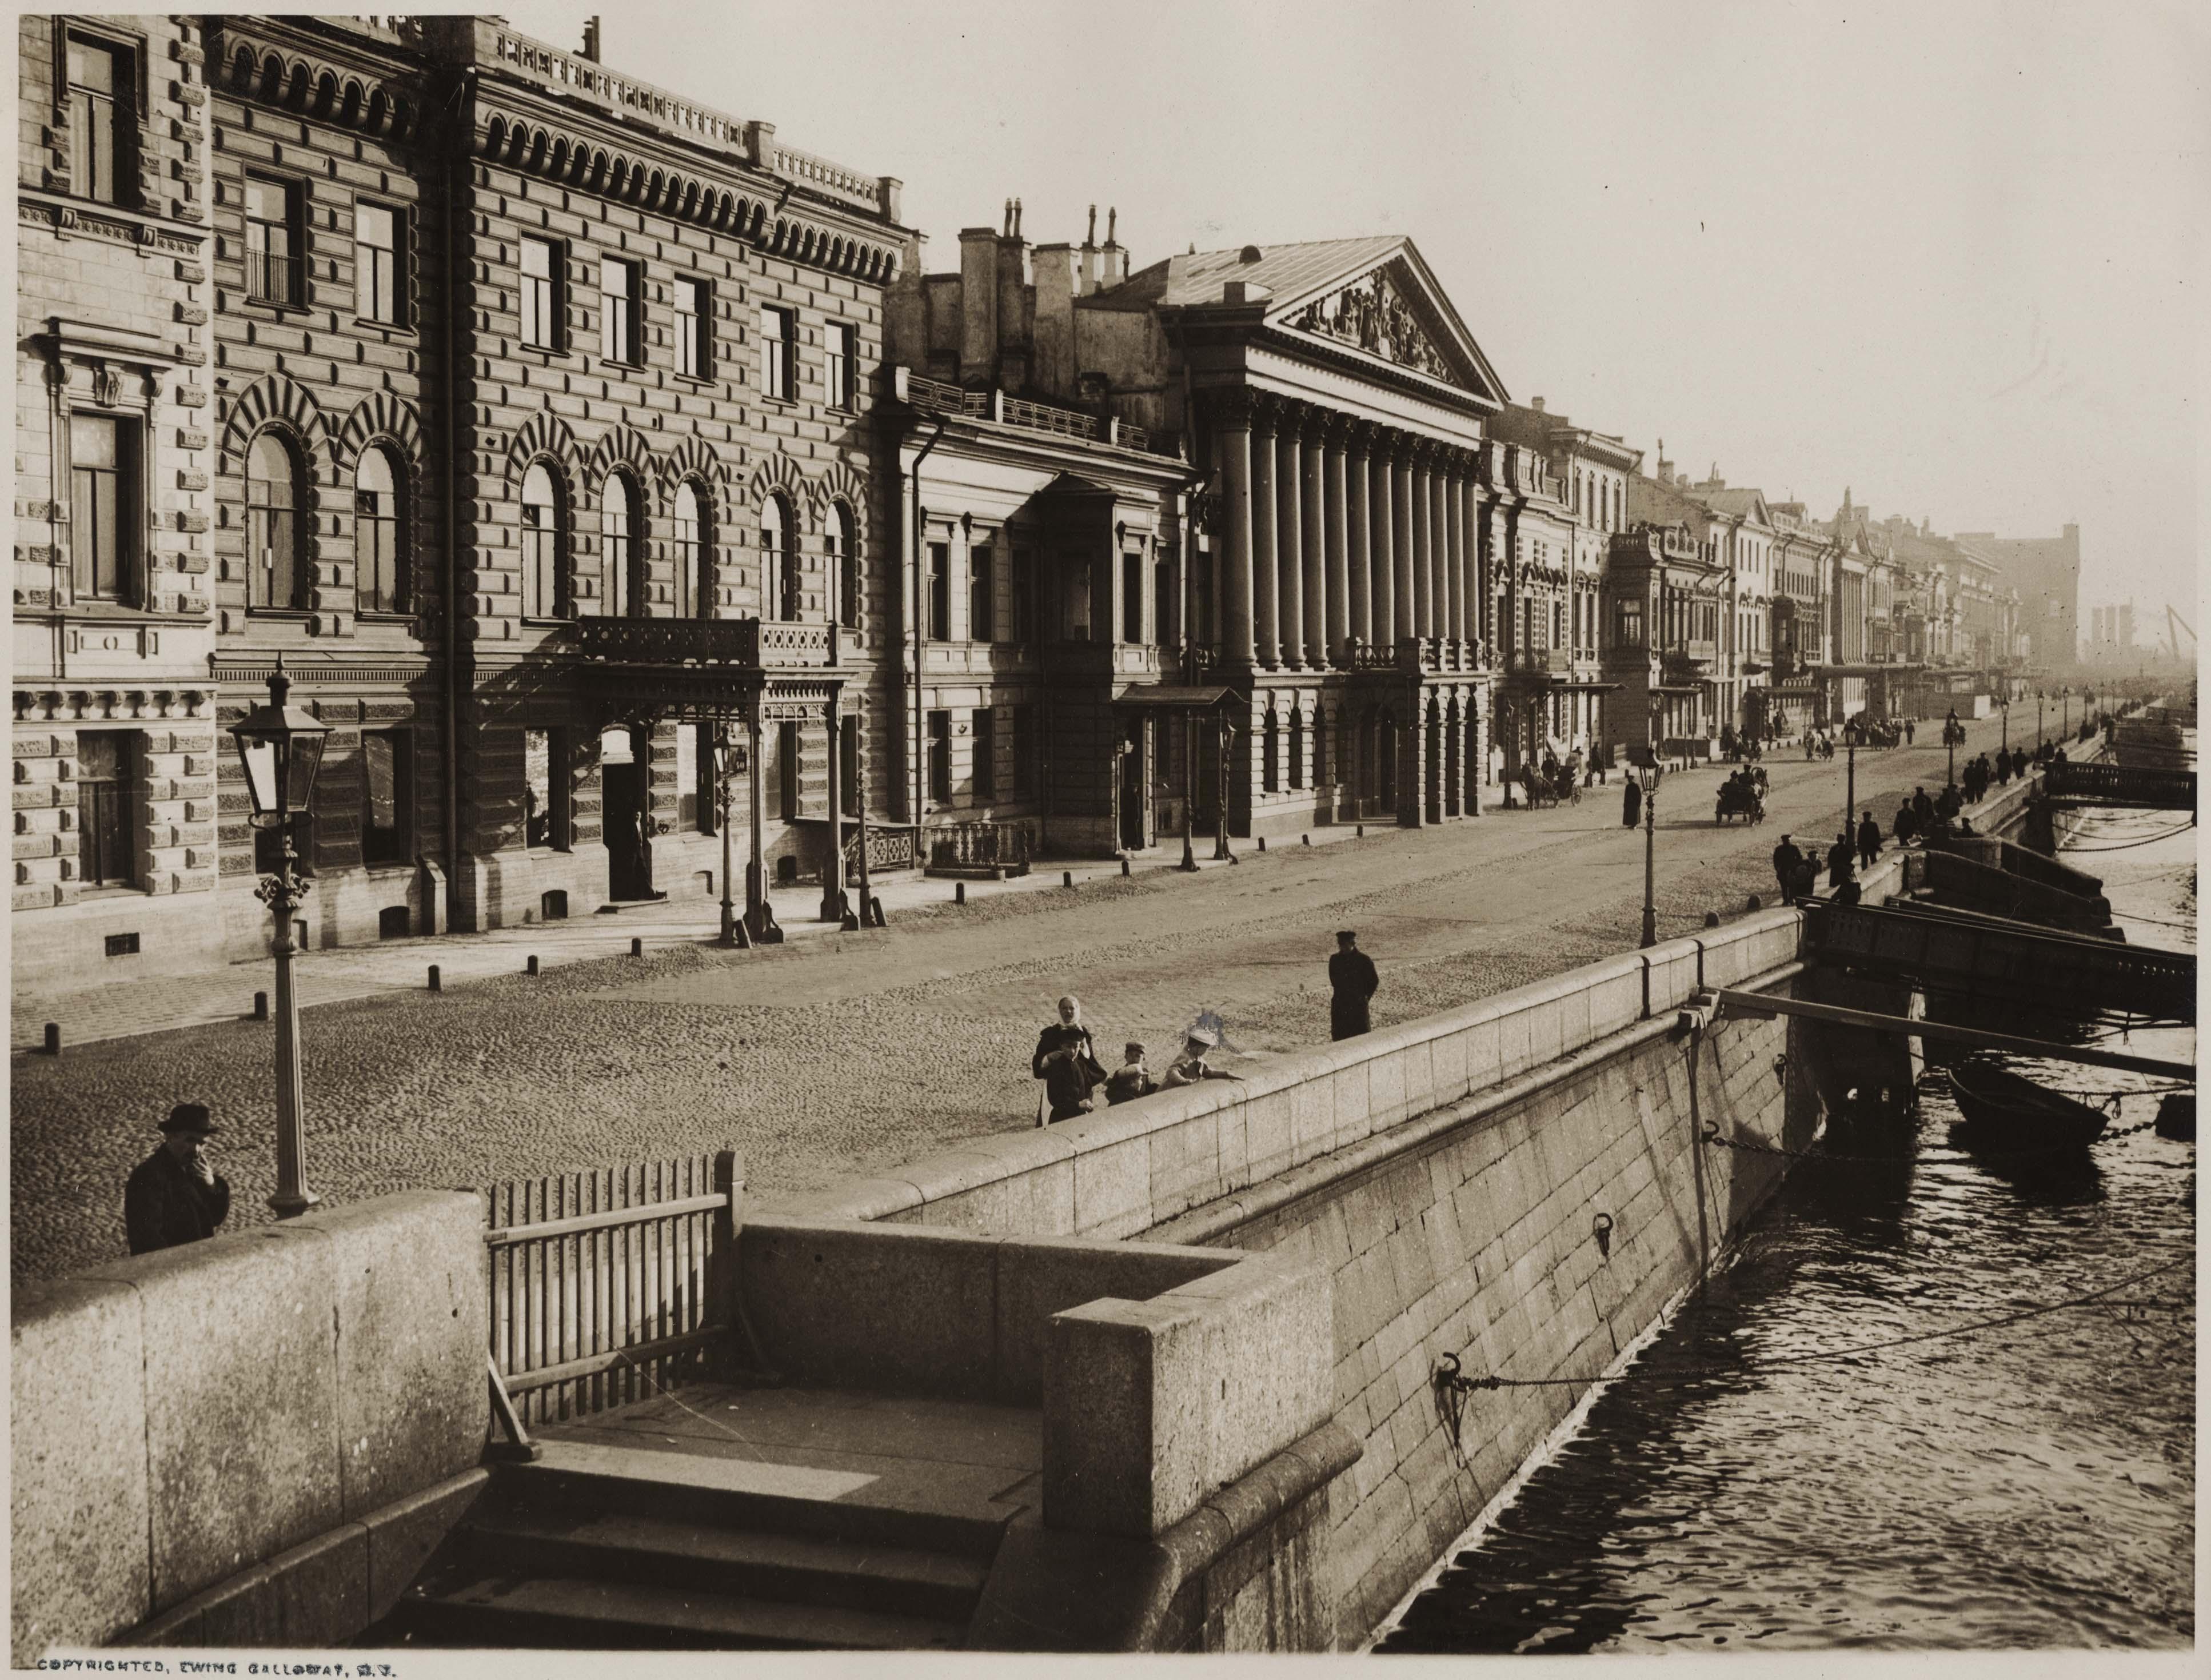 Leningrad, U.S.S.R.